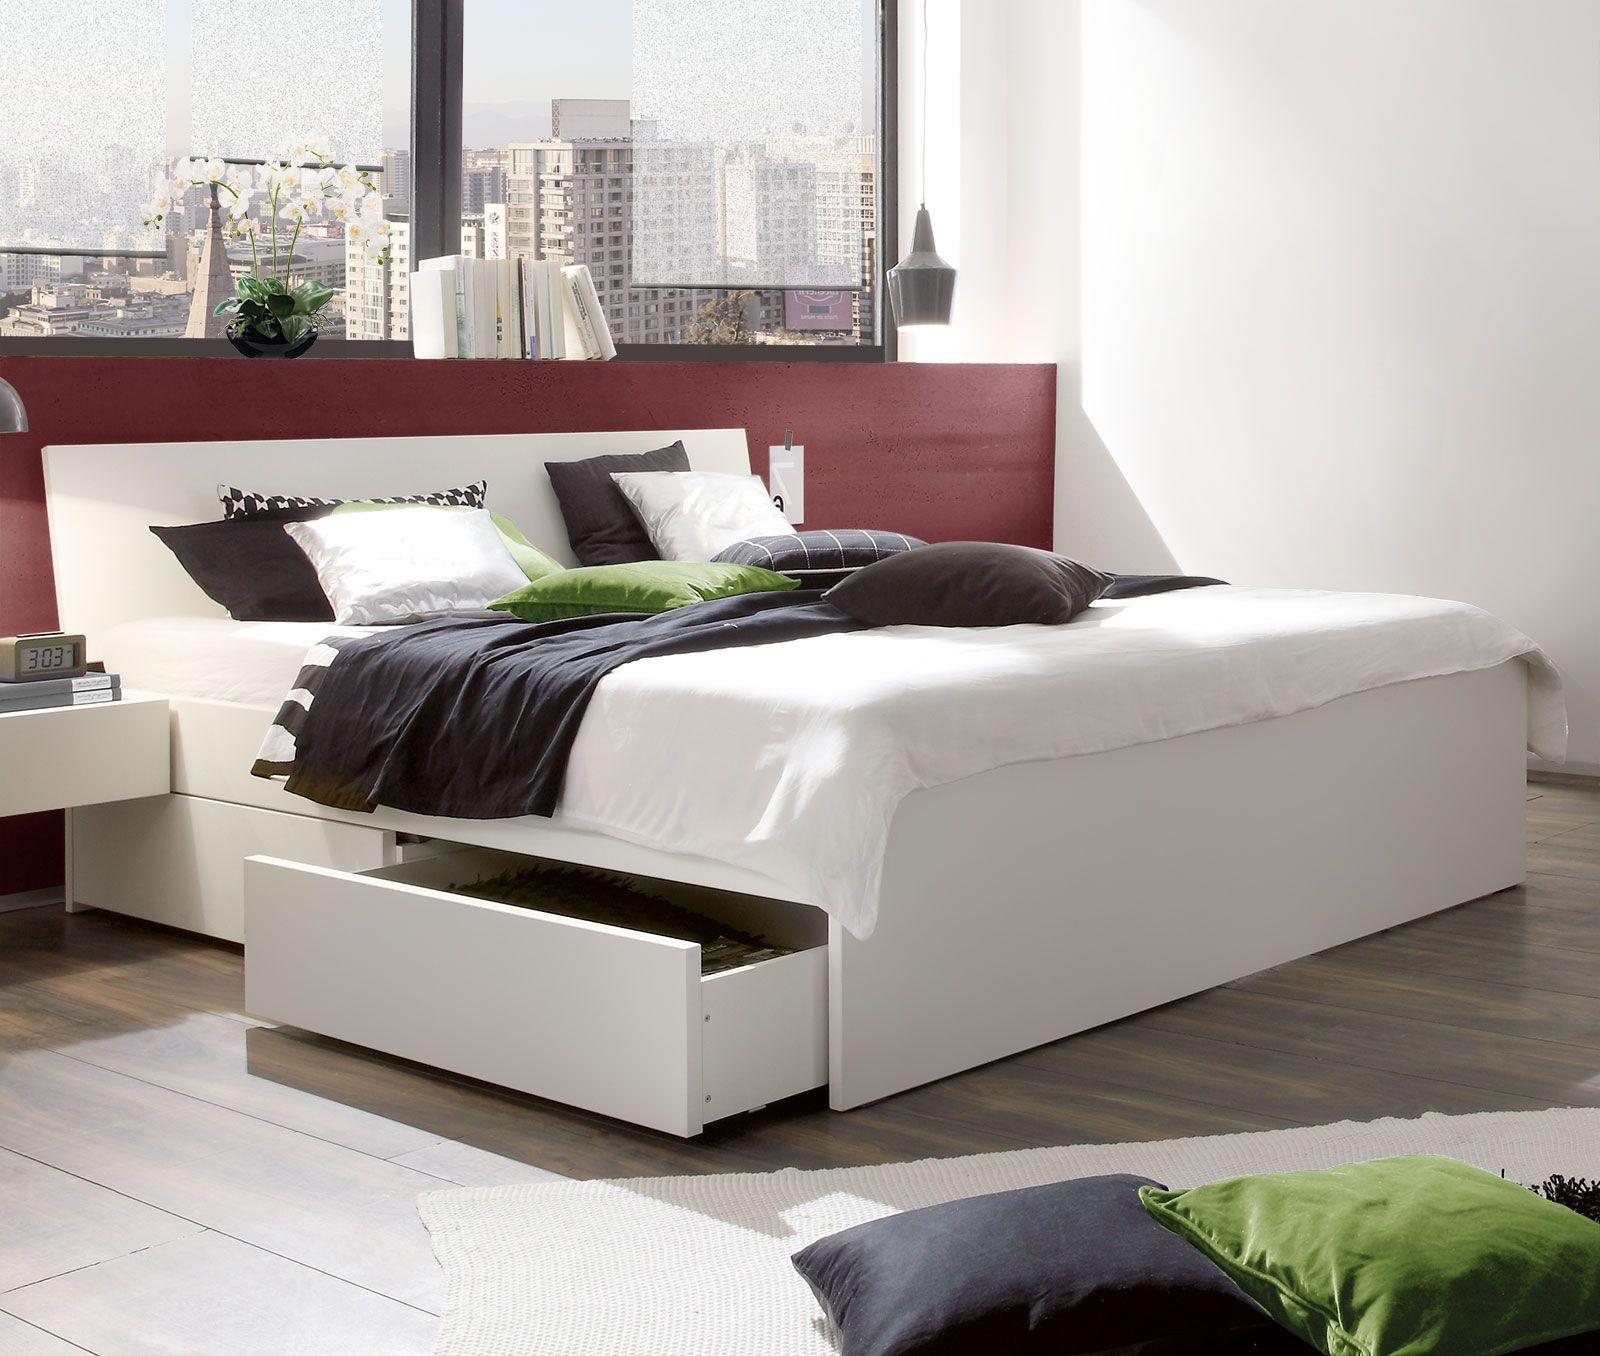 Weisses Schubkasten Bett In Ubergrossen Erhaltlich Liverpool Bett Mit Aufbewahrung Bett 160x200 Bett Mit Stauraum